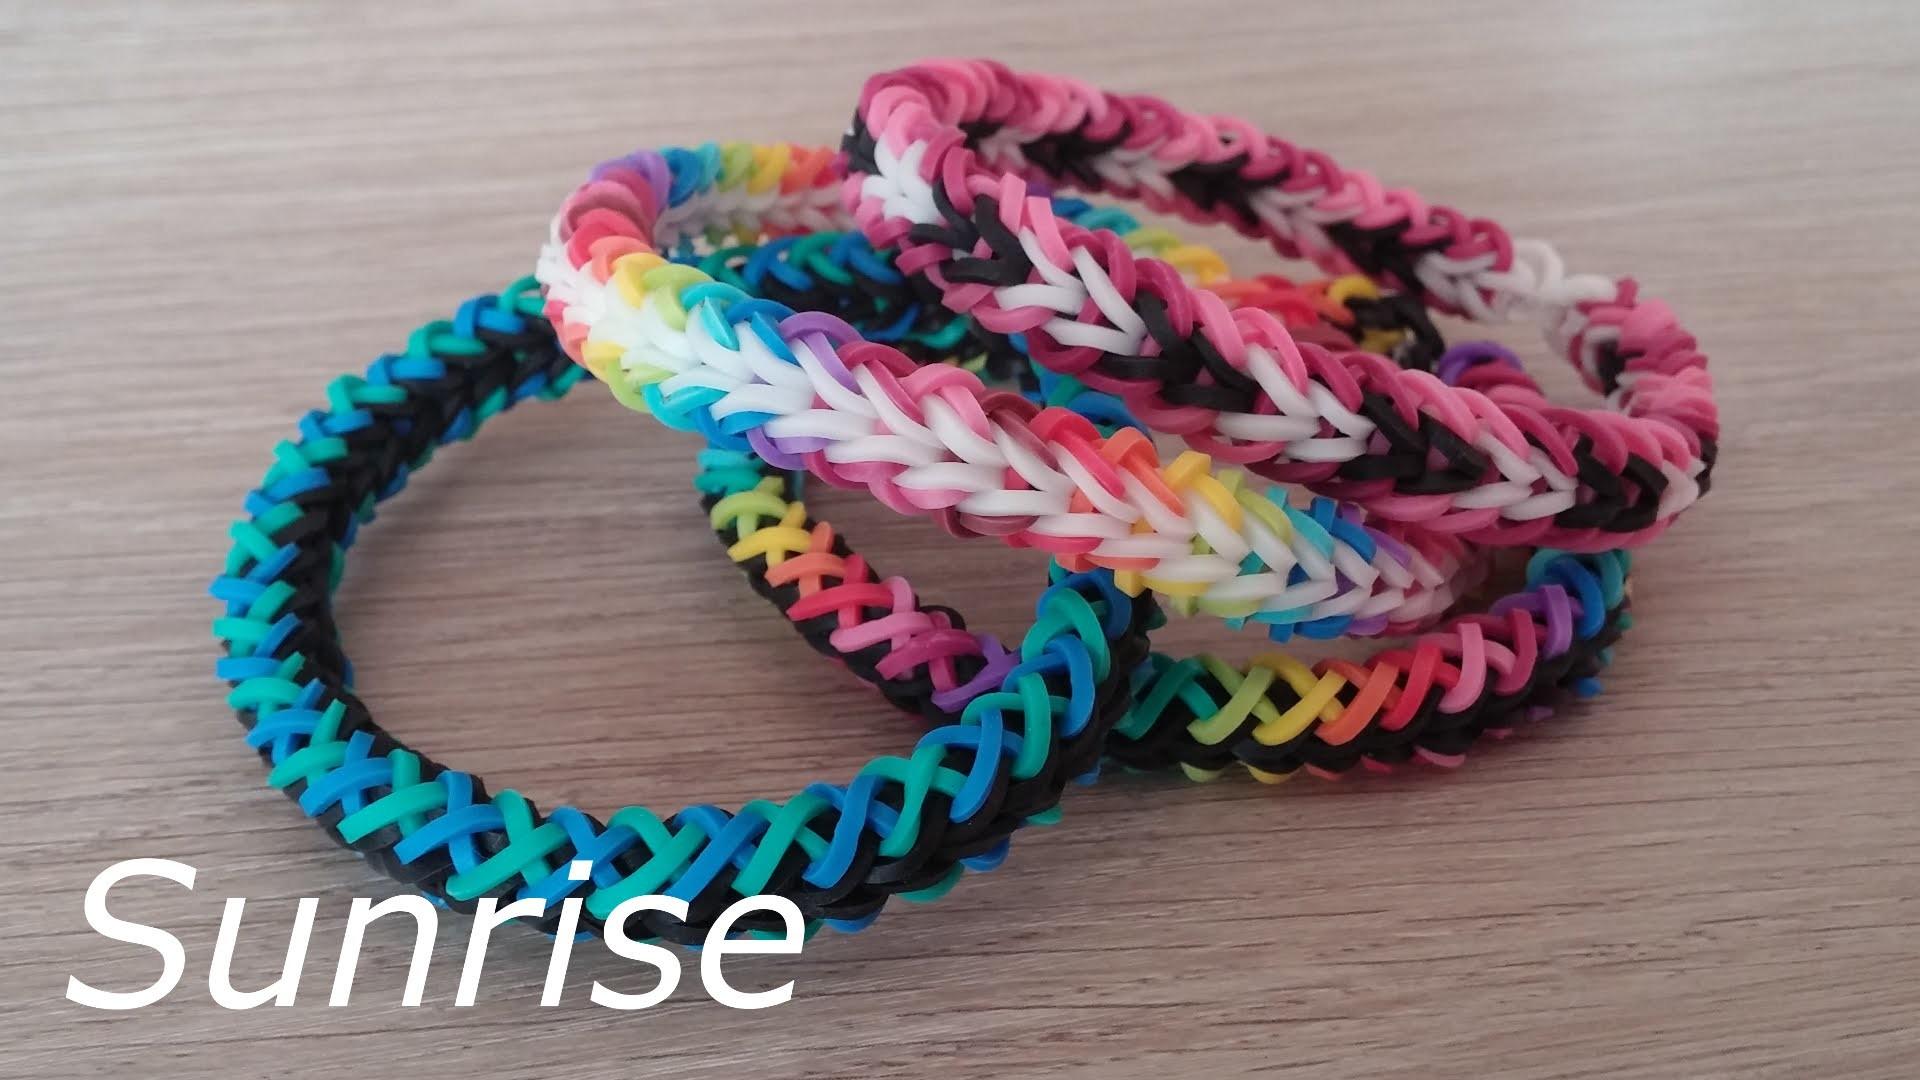 NEU Rainbow Loom Sunrise Armband (Original Design)